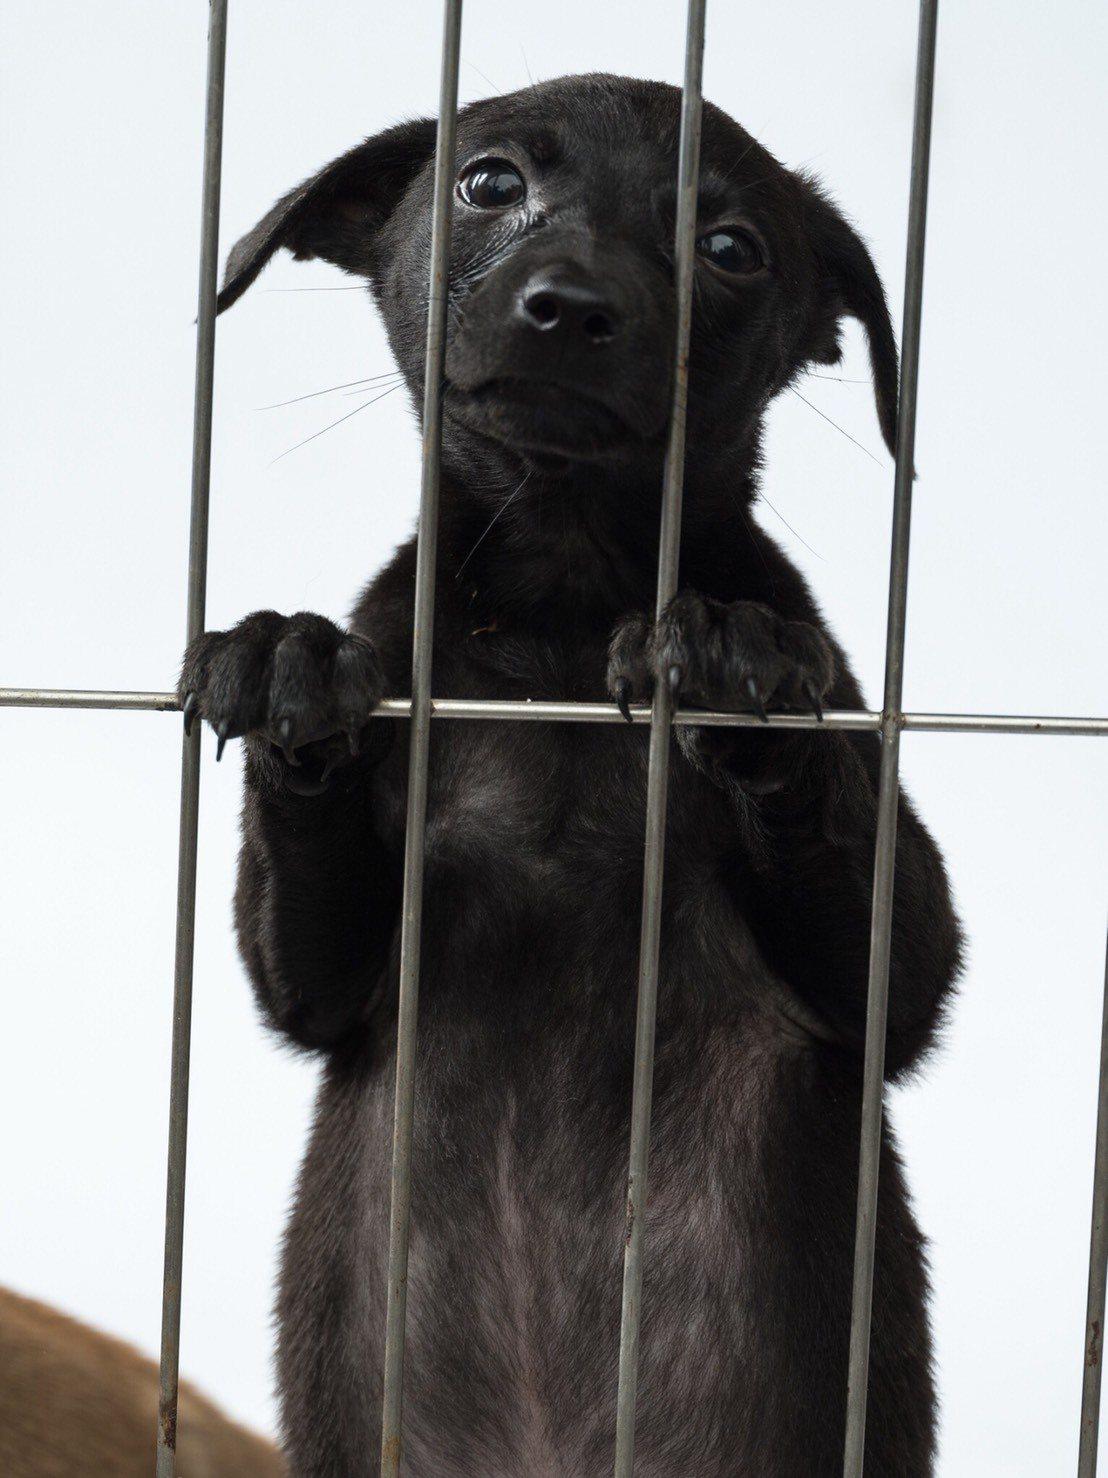 零撲殺政策上路周年,由於配套不足,造成地方防疫所「狗滿為患」,人犬衝突不斷,部分...